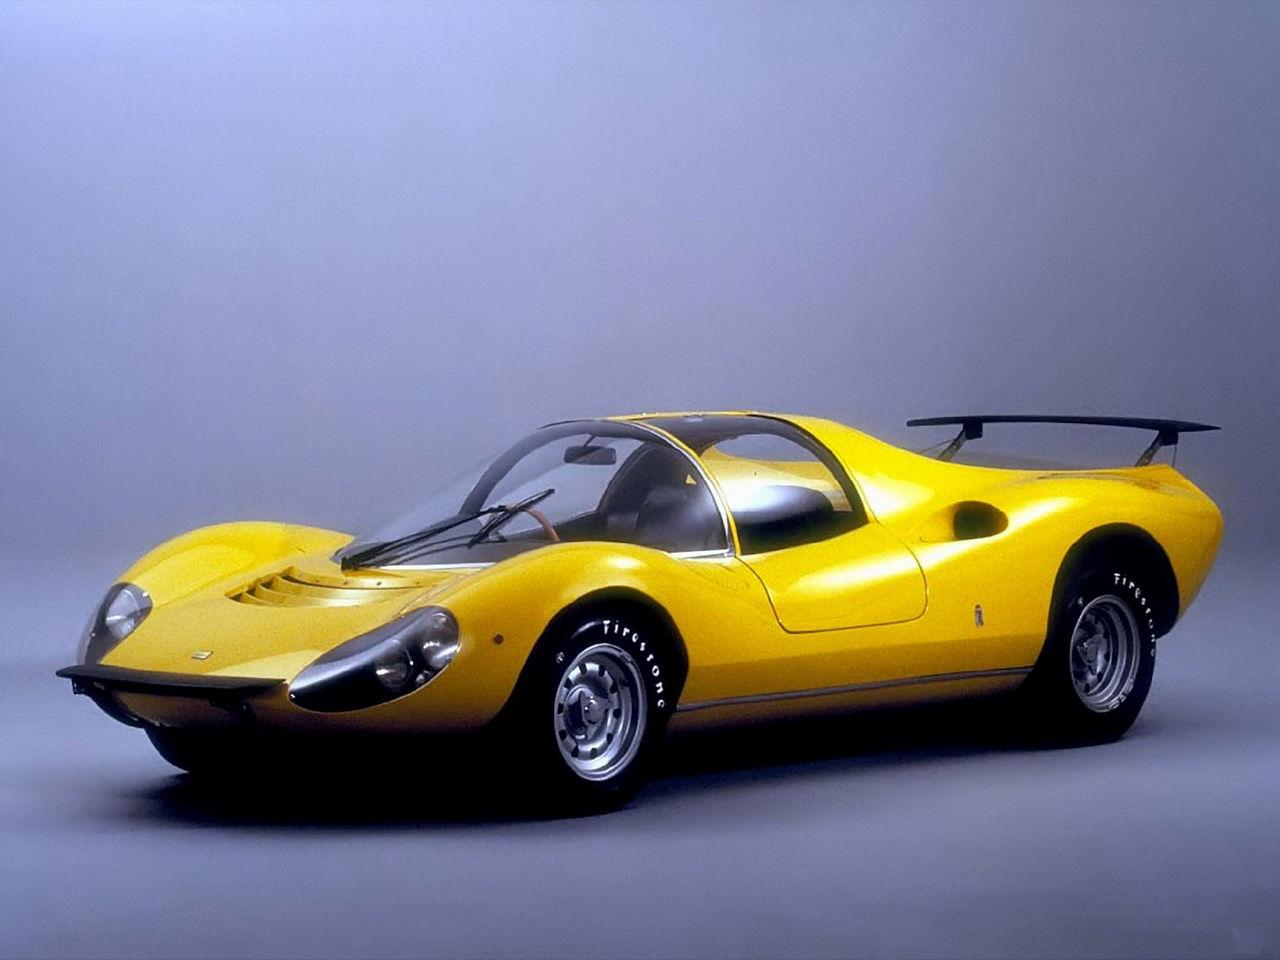 1967-ferrari-dino-206-competizione-prototipo-0-100